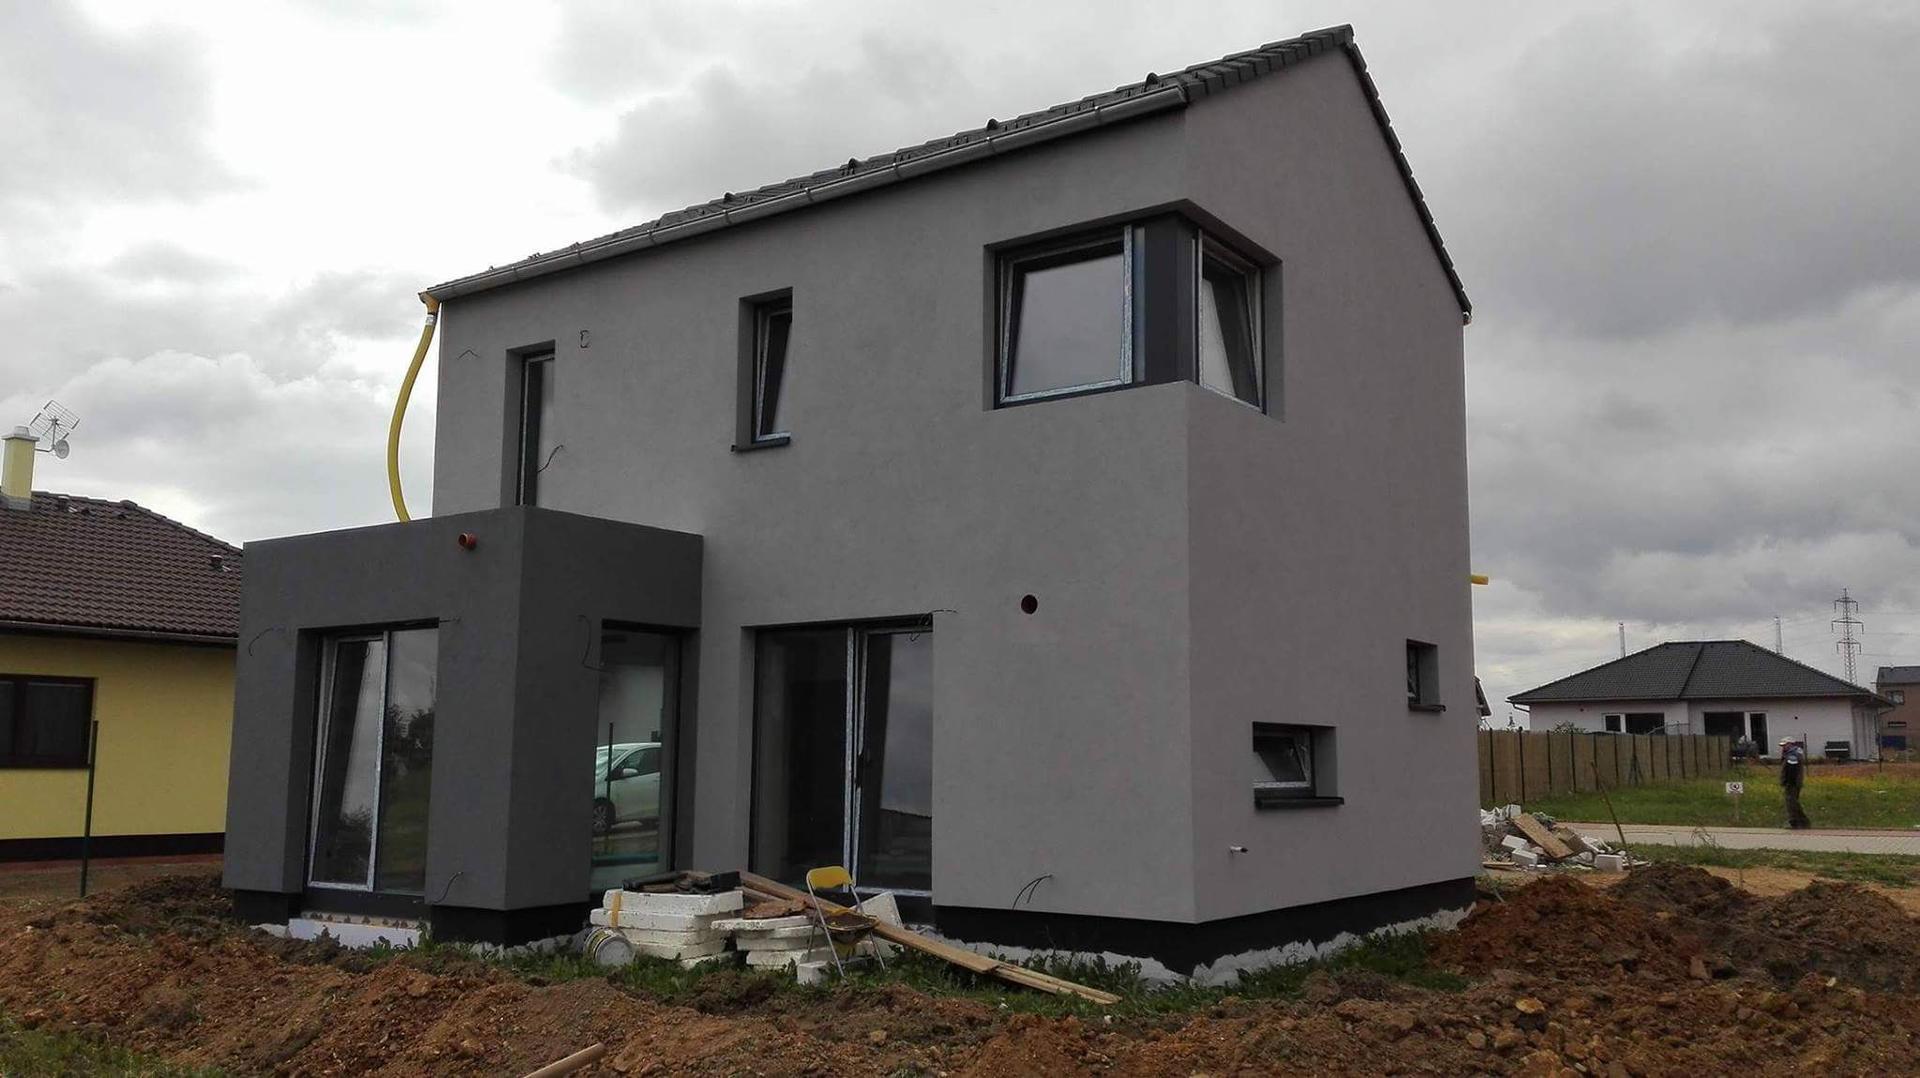 Stavba domu na kraji Prahy - Fasáda finálně hotová. :)